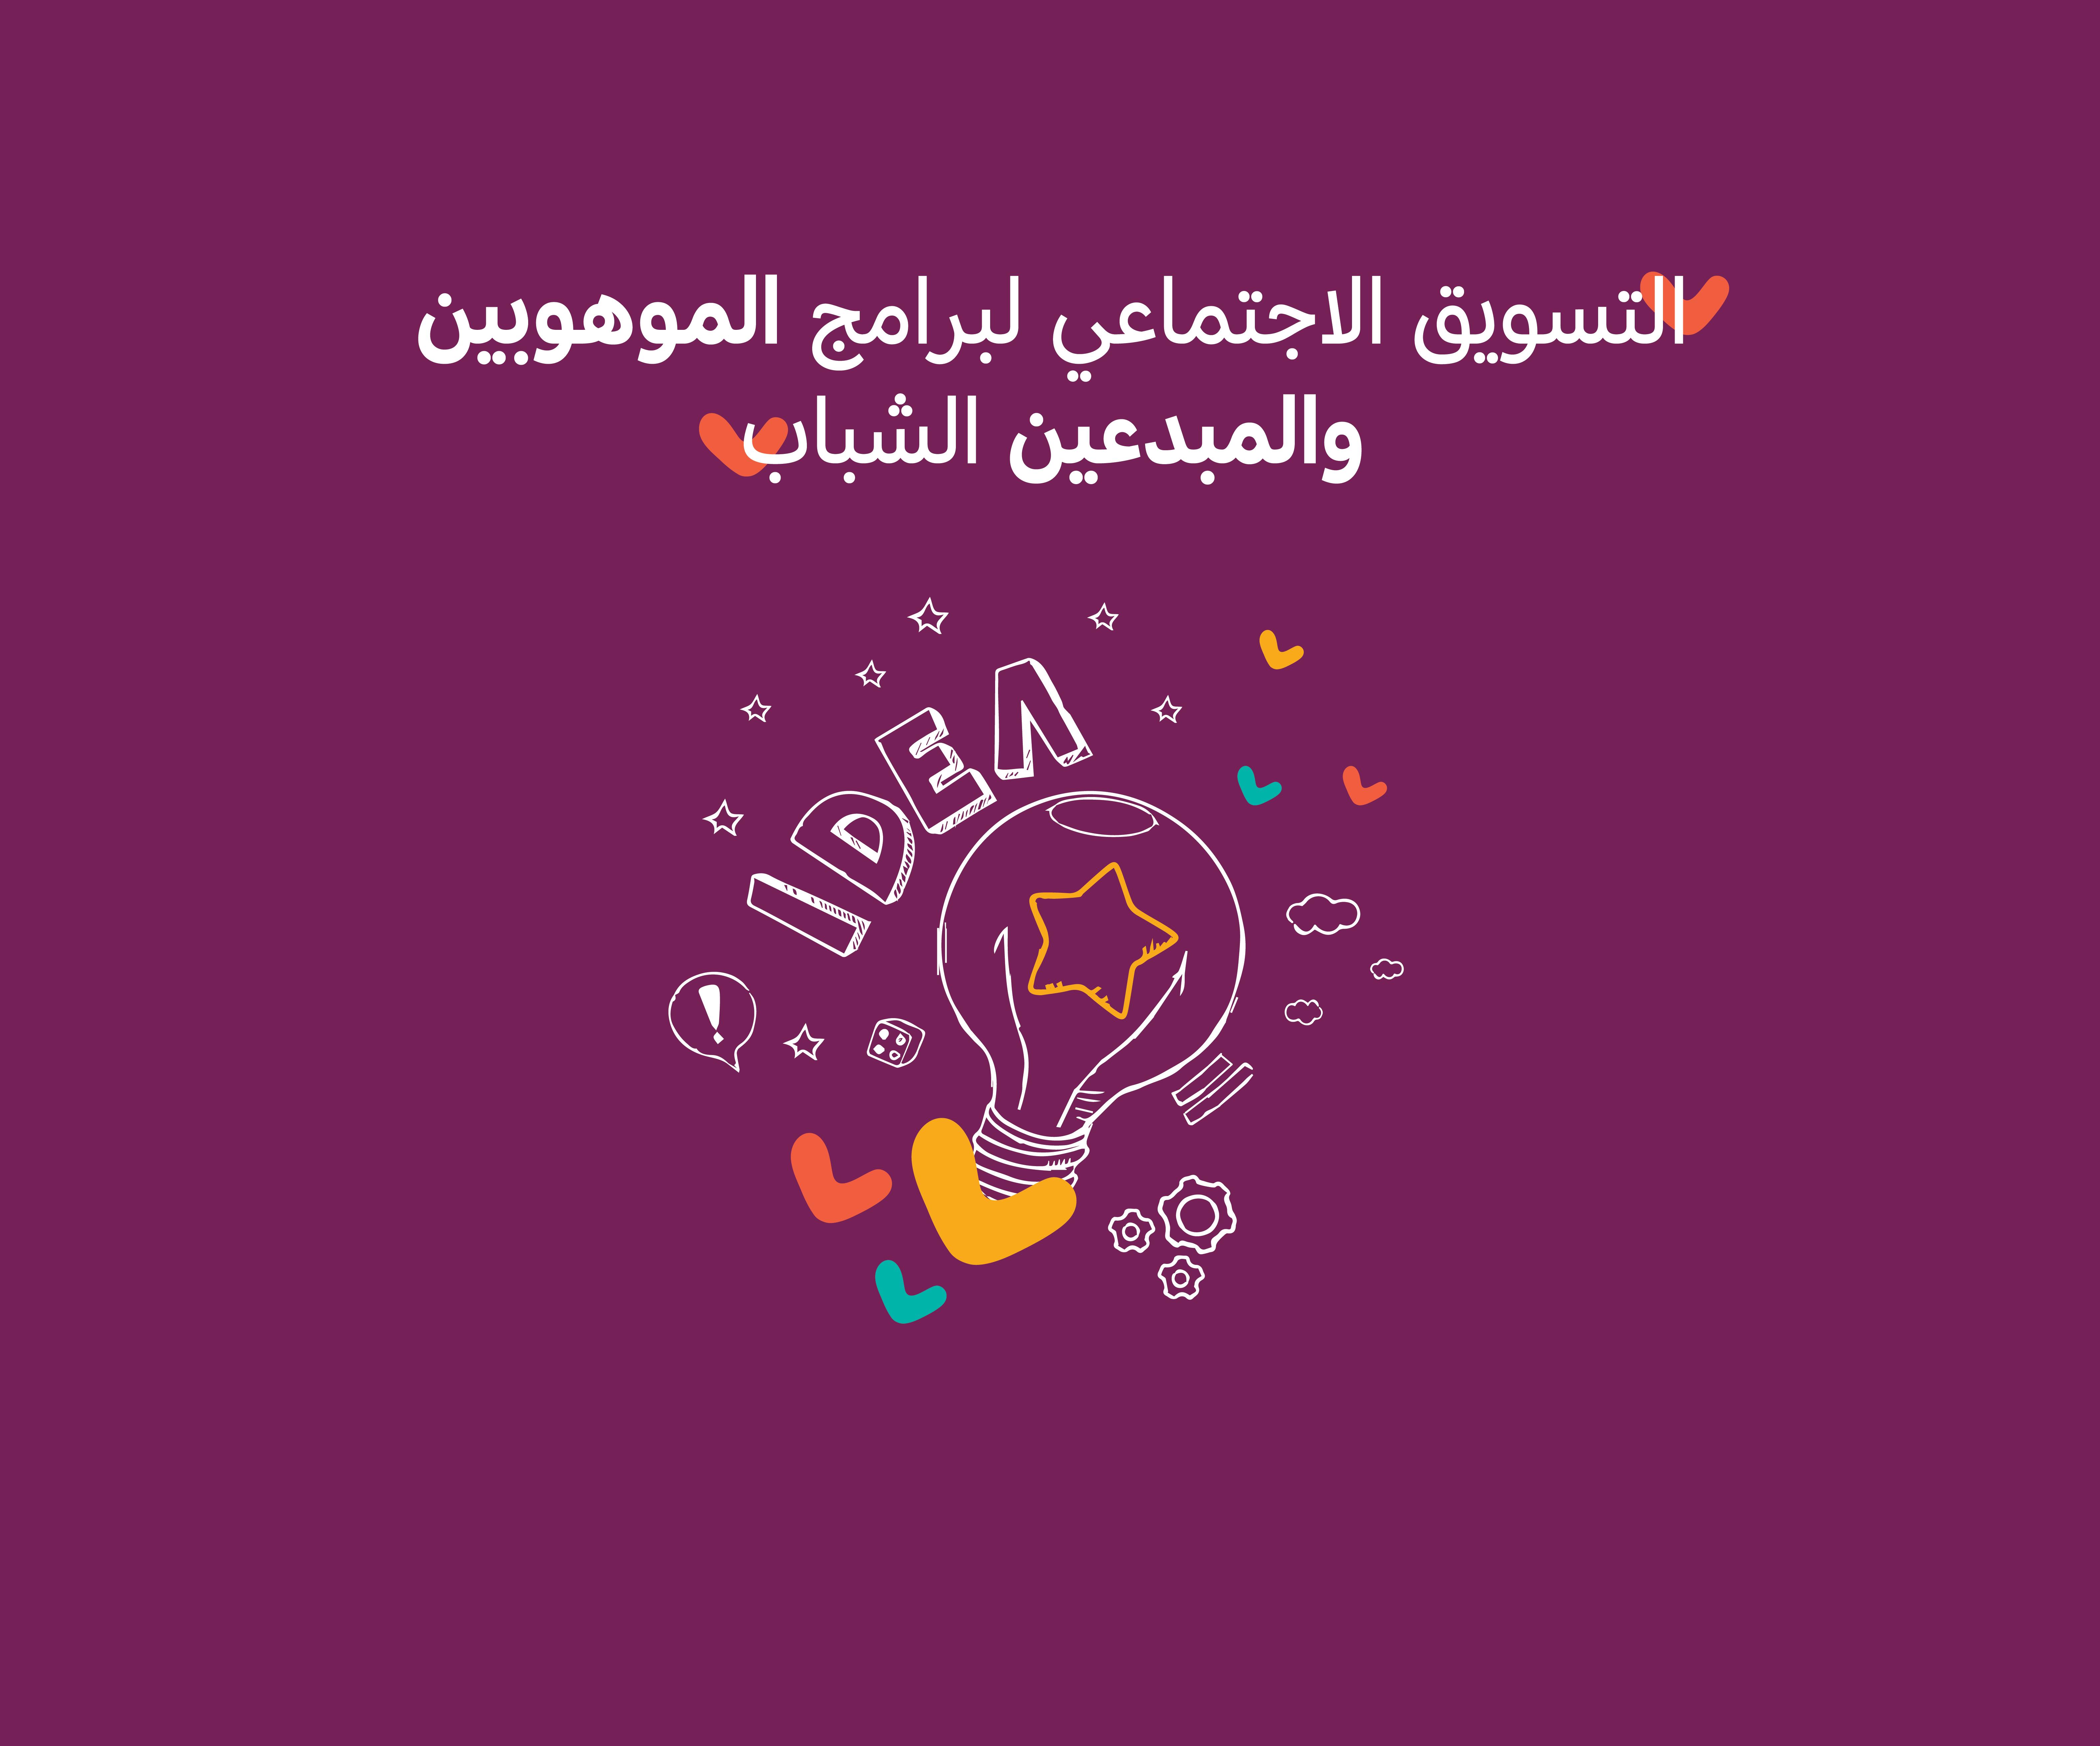 التسويق الاجتماعي لبرامج الموهوبين والمبدعين الشباب